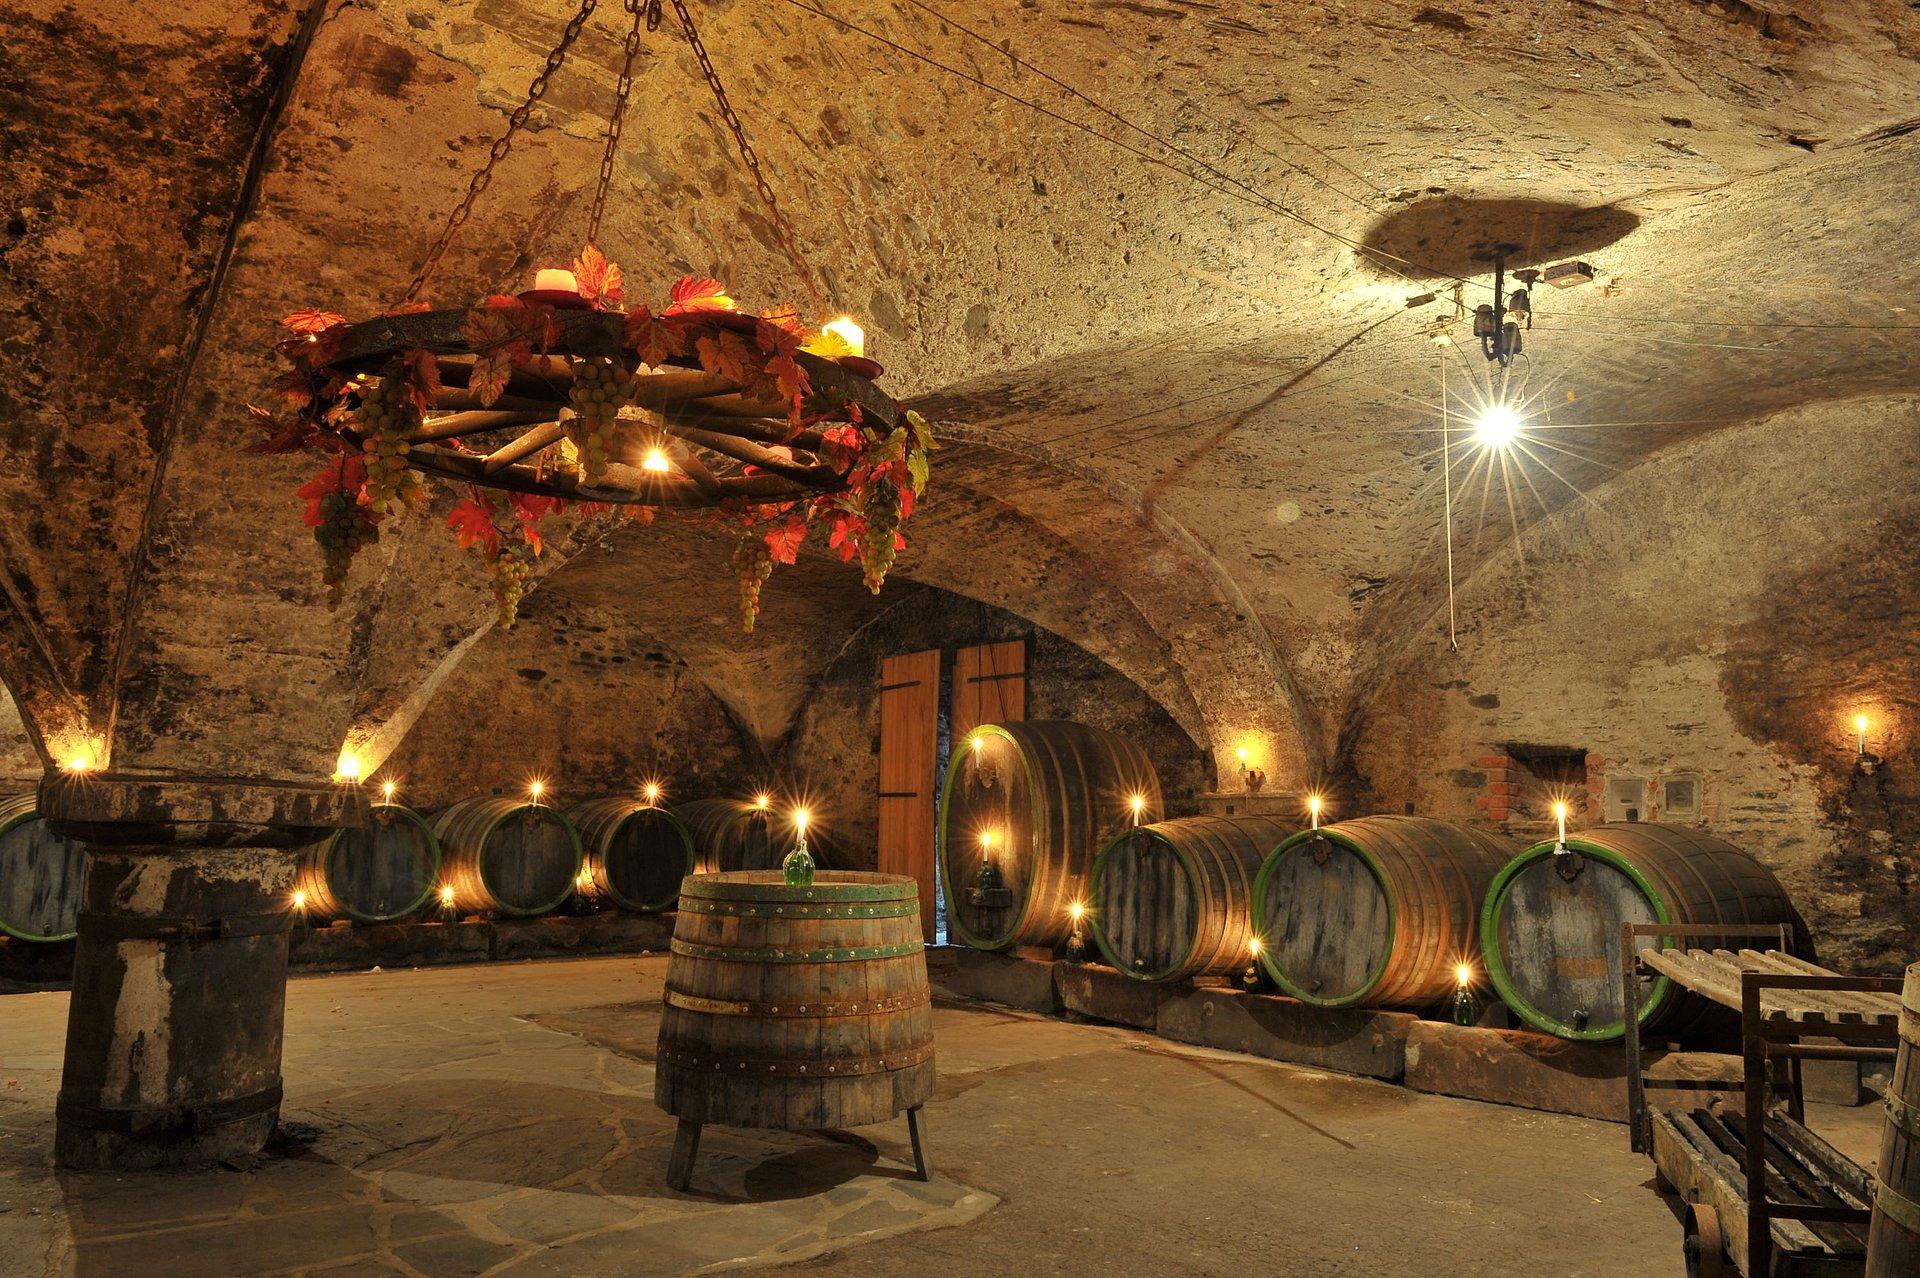 Wijnkelder in de onderaardse wereld van Traben-Trarbach, Moezel-regio